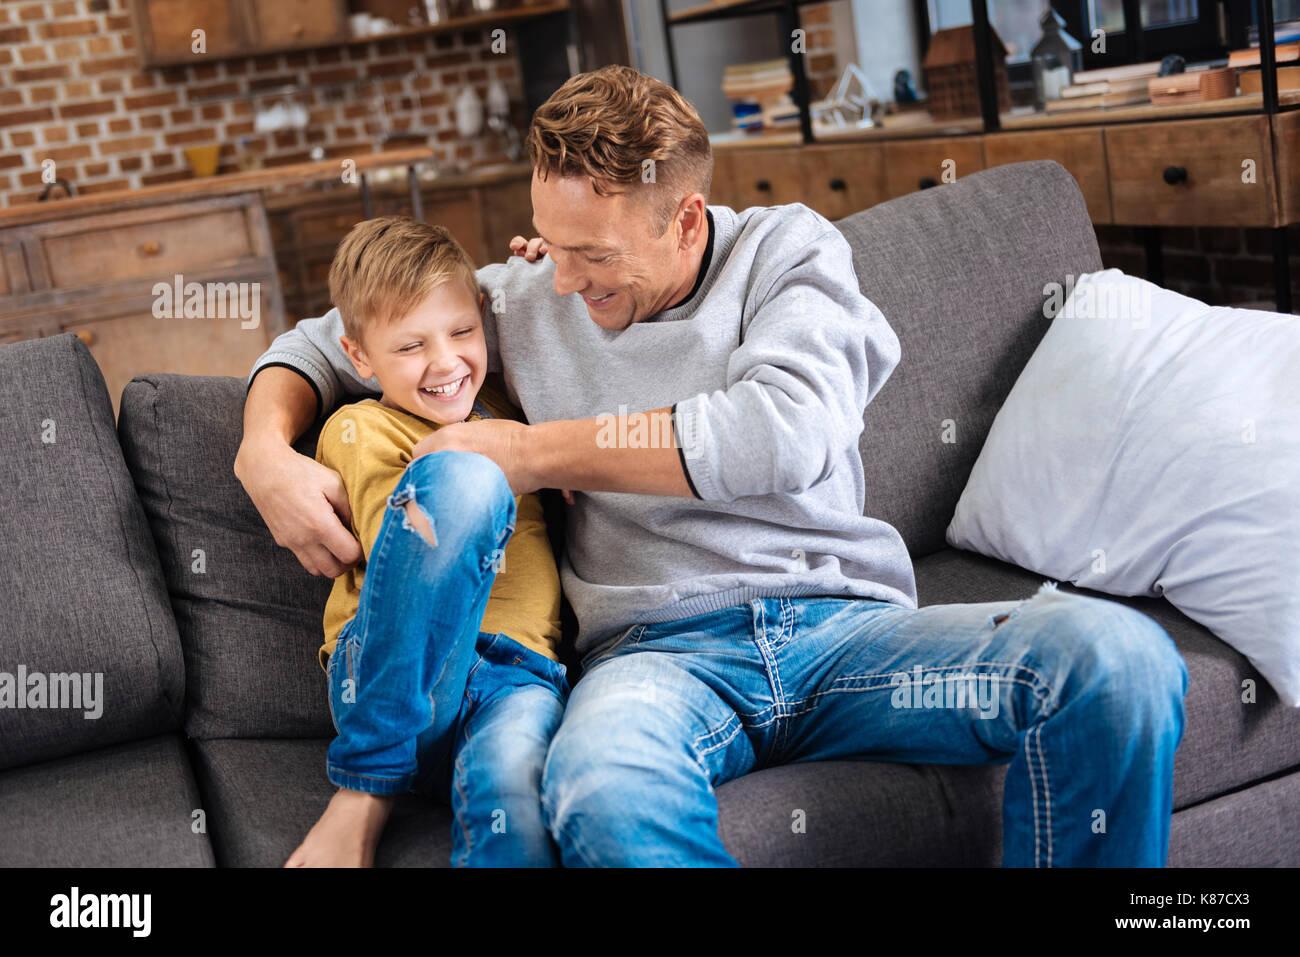 Le père aimant de chatouiller son petit fils sur canapé Photo Stock